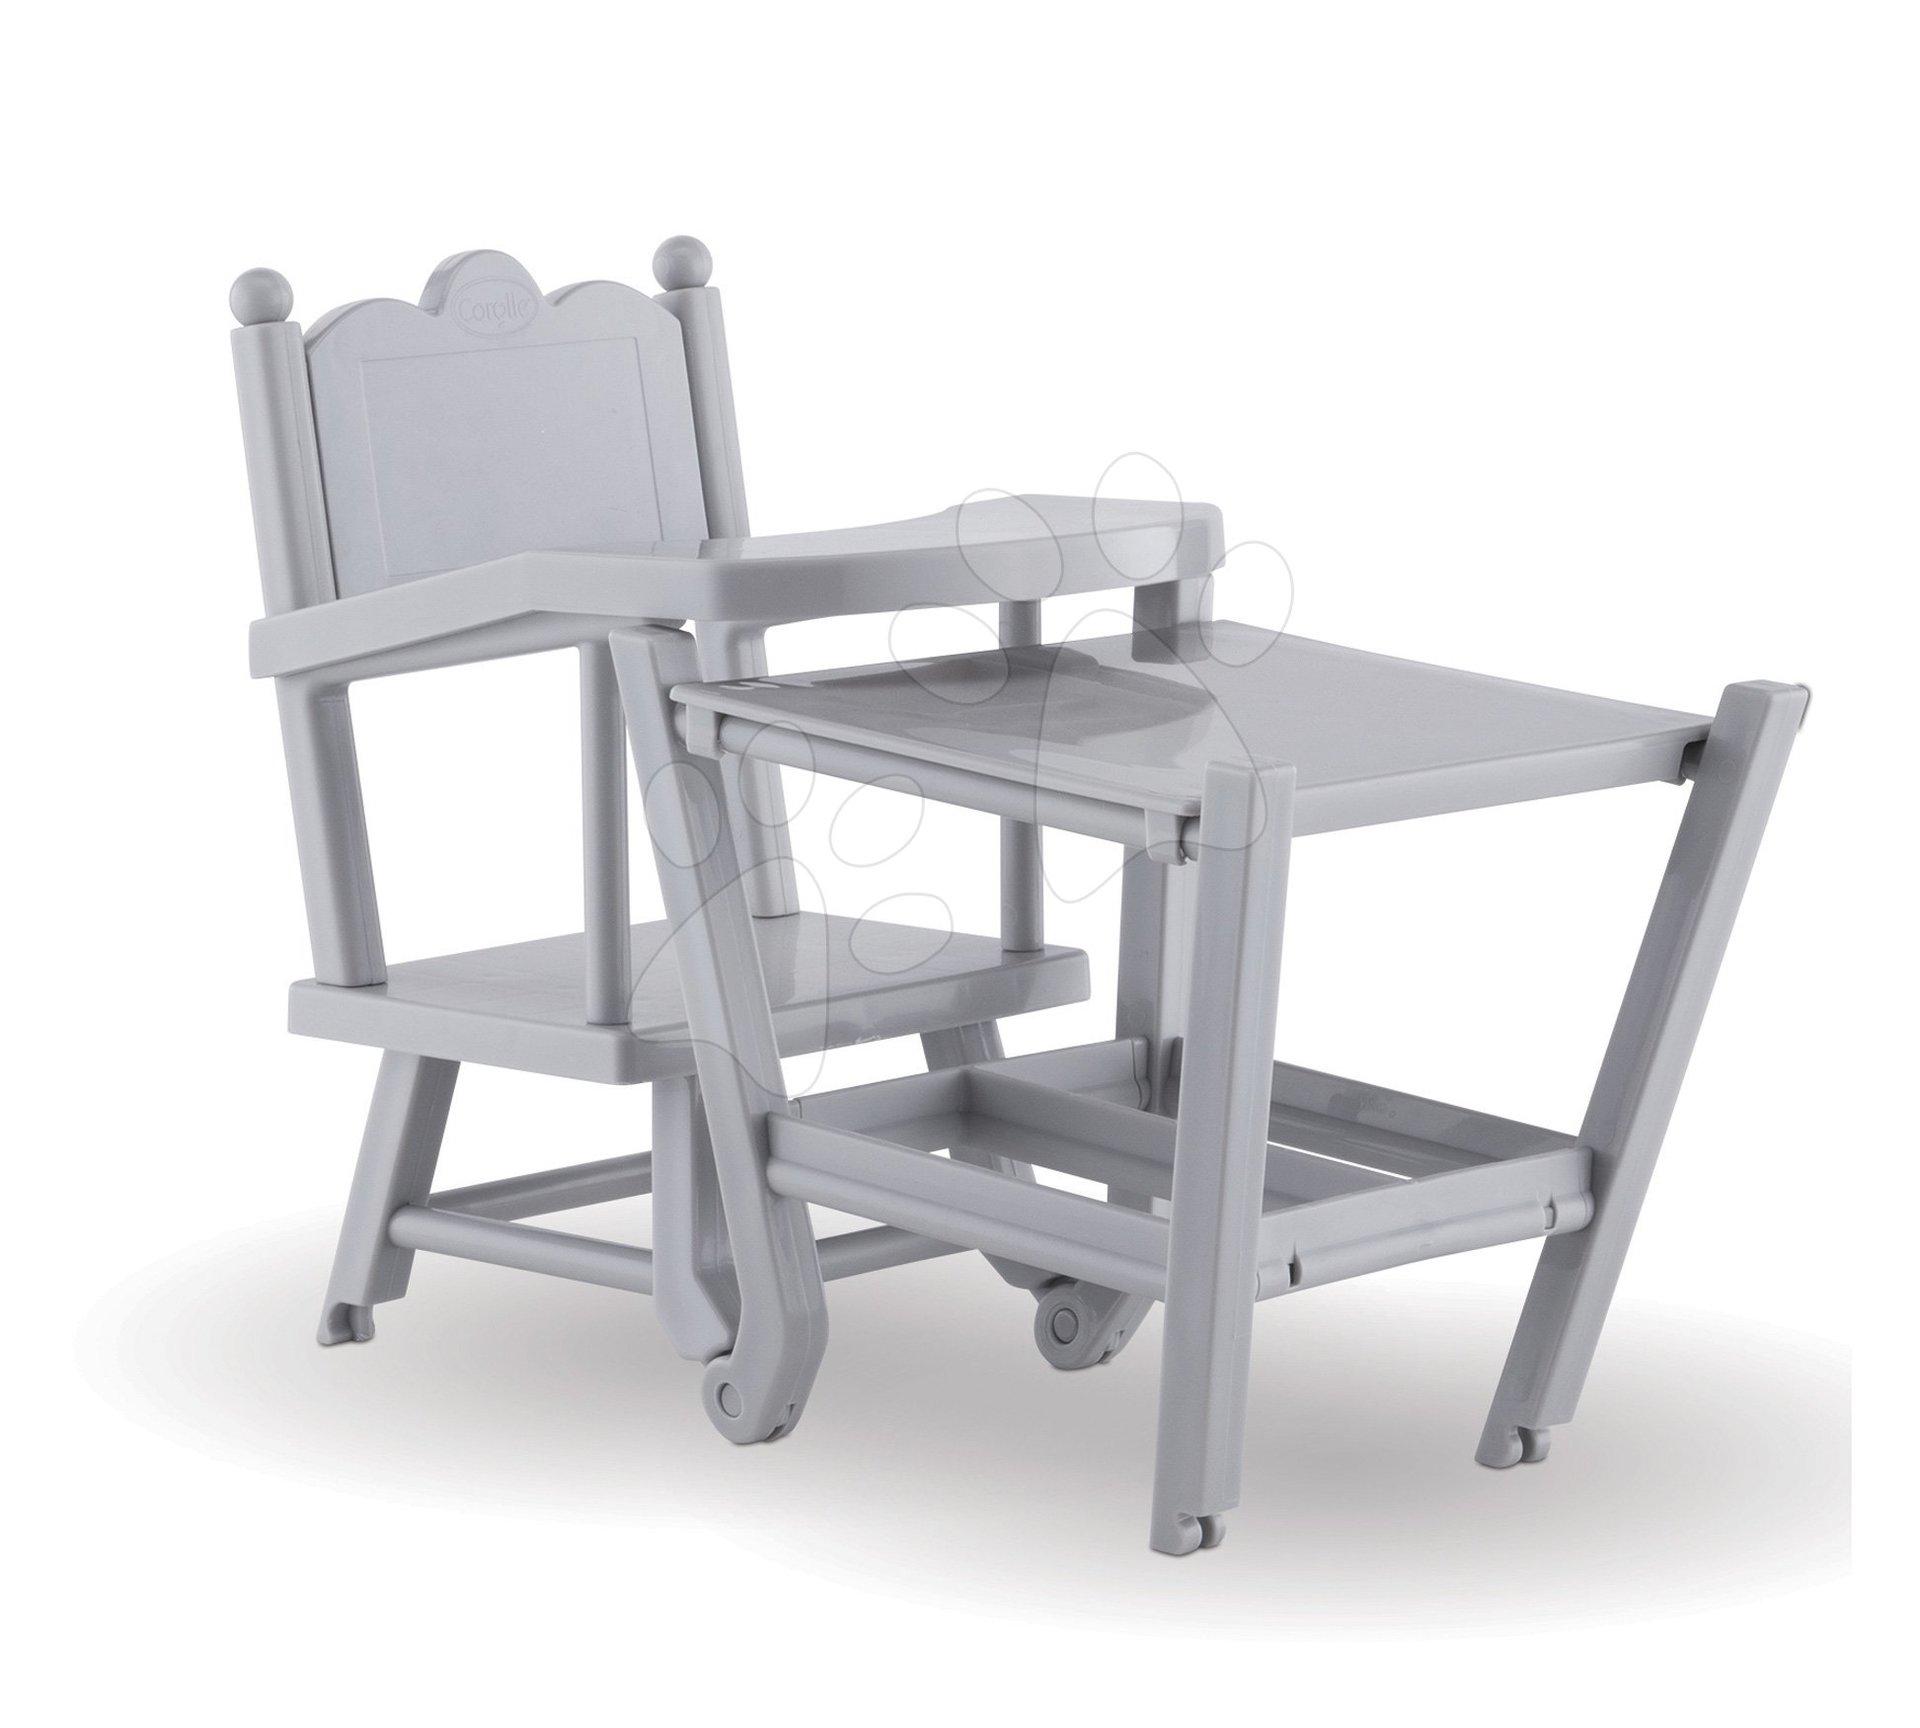 Jedálenská stolička 2v1 Mon Grand Poupon Corolle pre 36-42 cm bábiku od 3 rokov